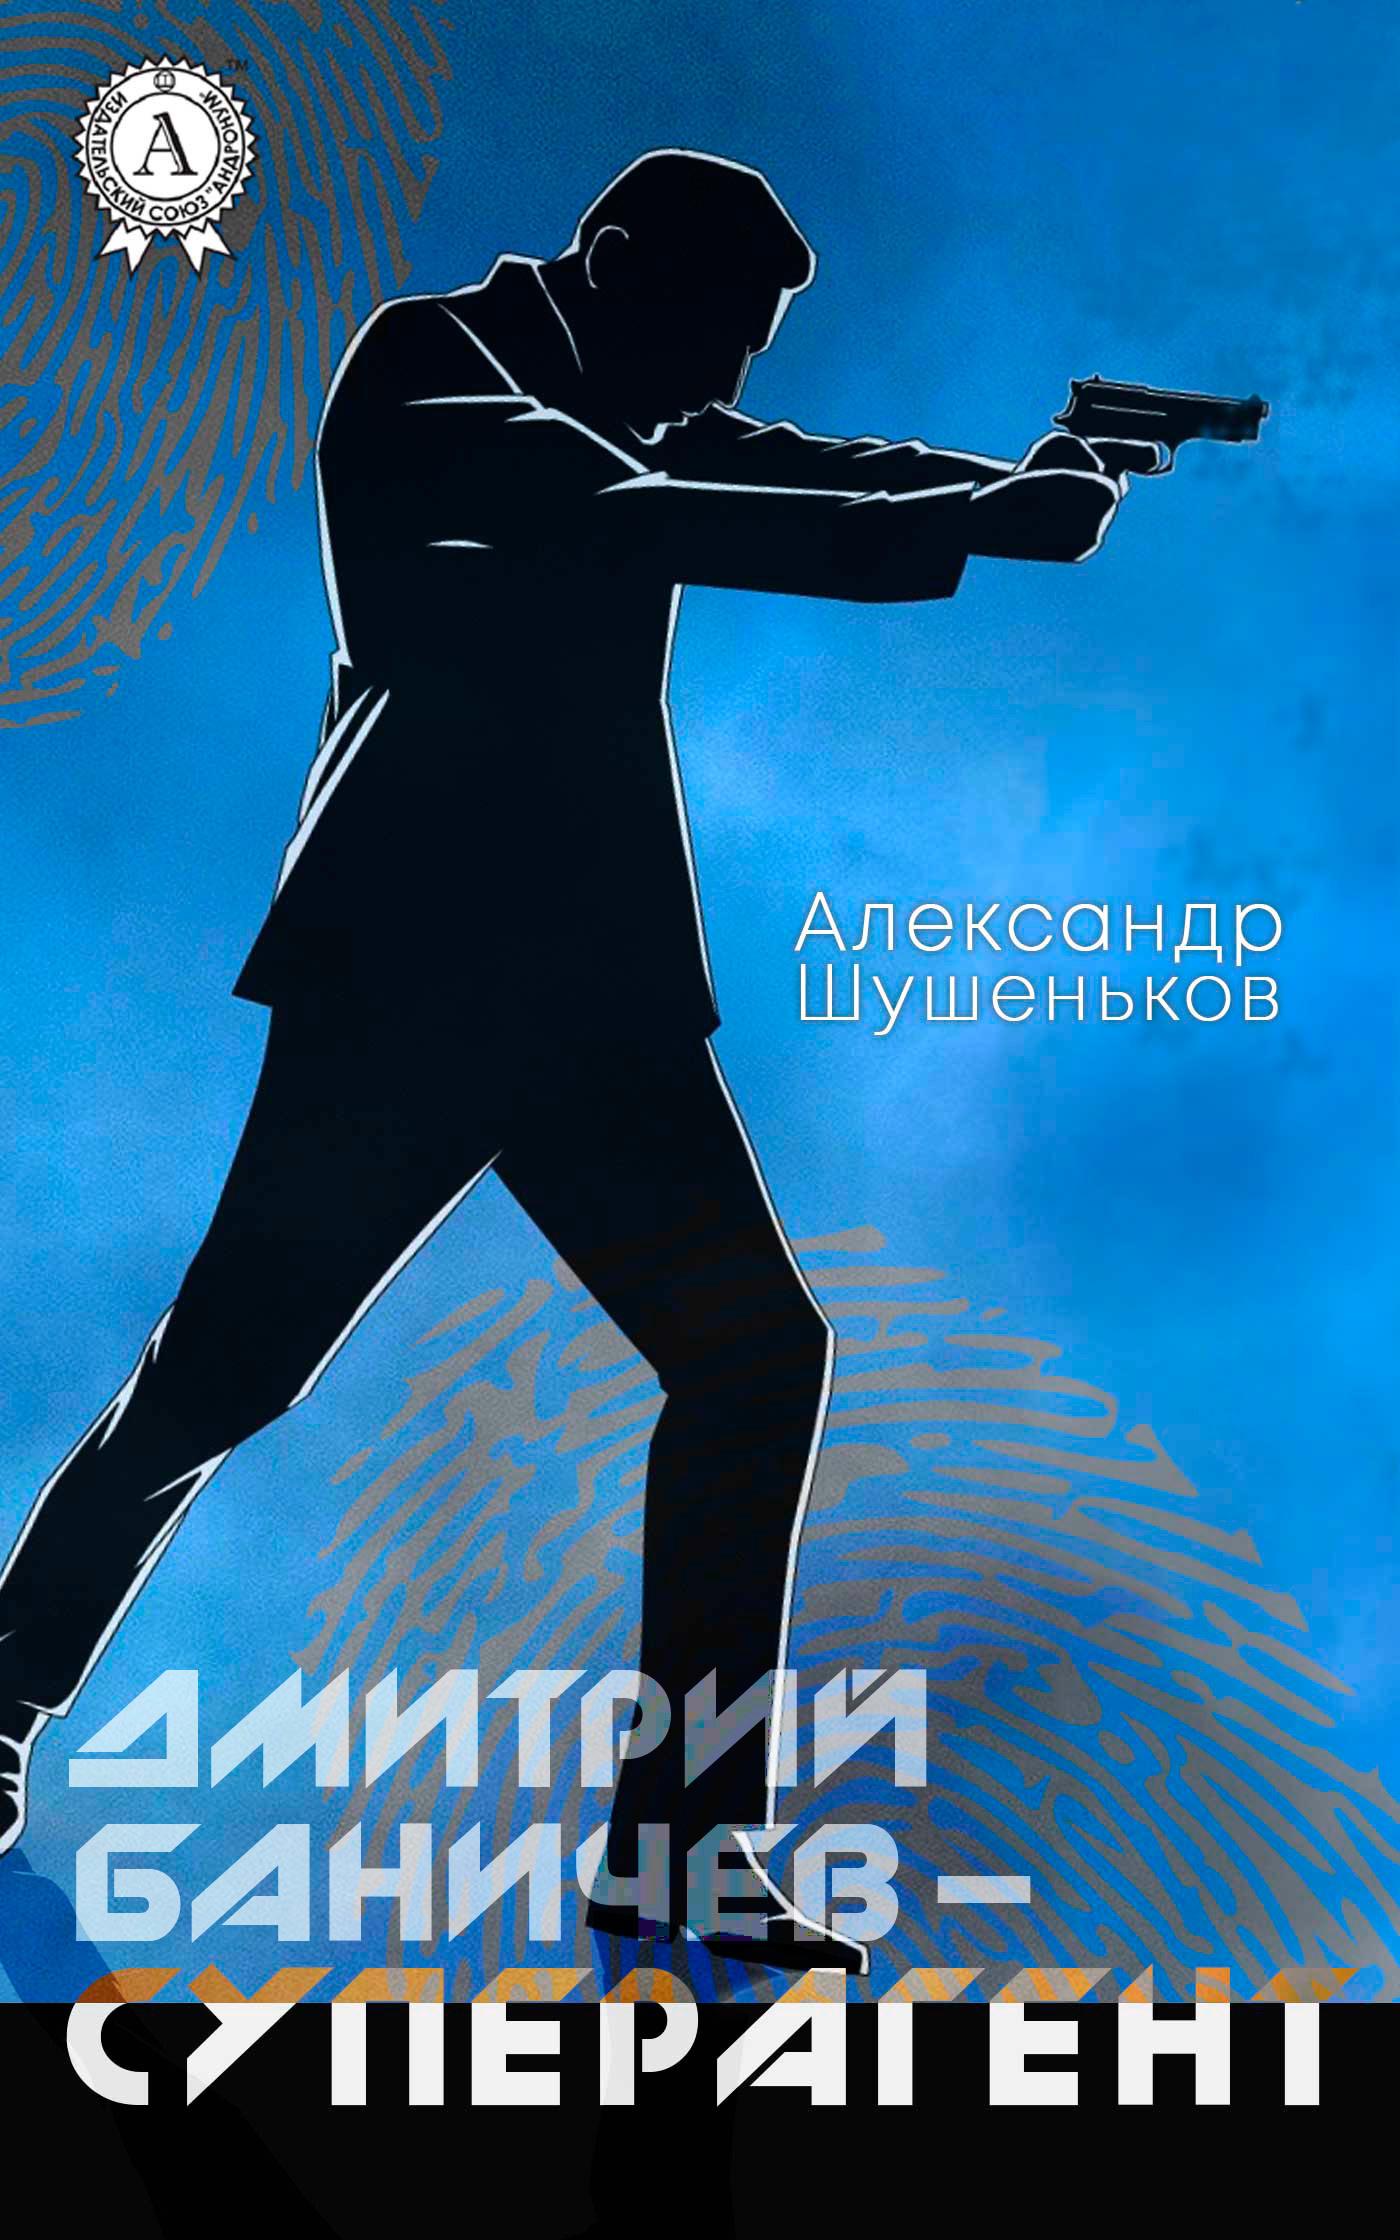 Дмитрий Баничев – суперагент